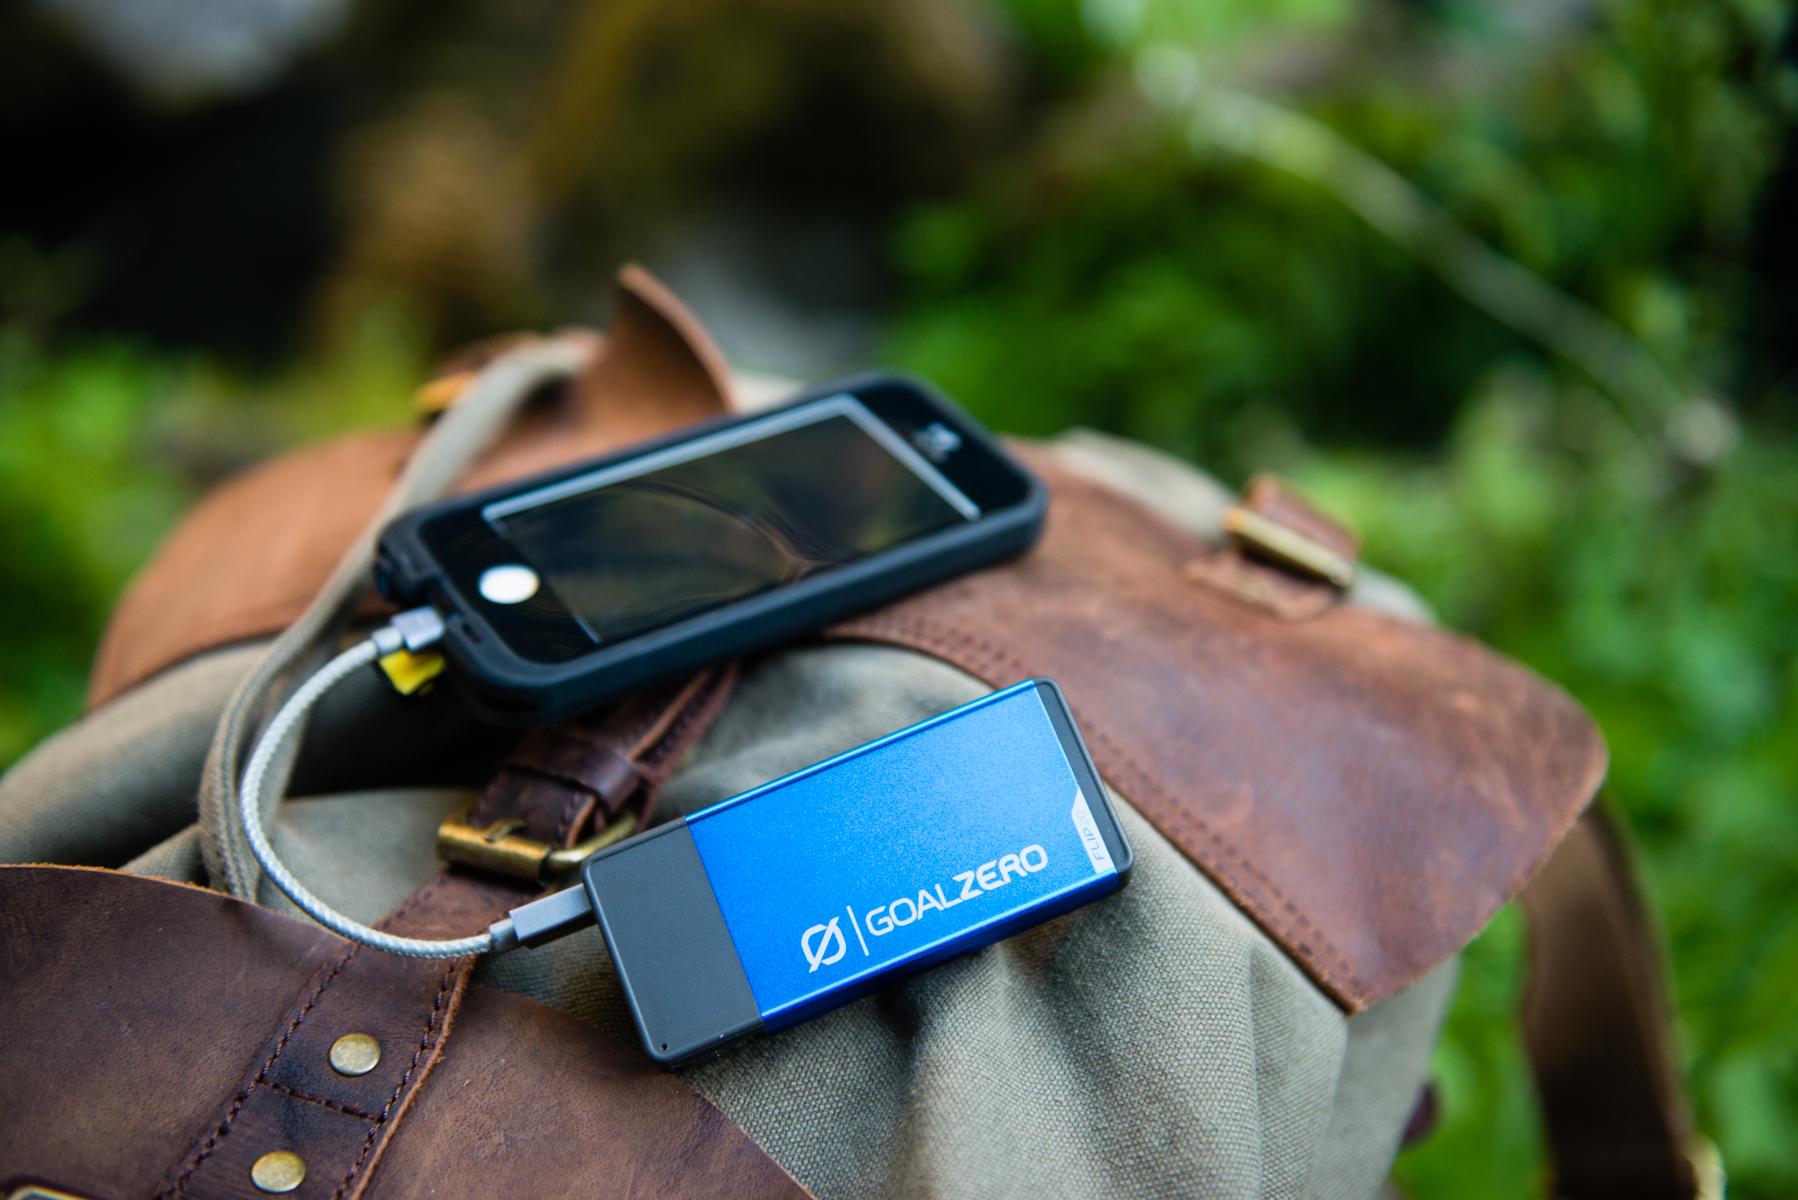 Goal Zero Flip 20 Recharger charging phone in the woods Photo: Travis Burke.